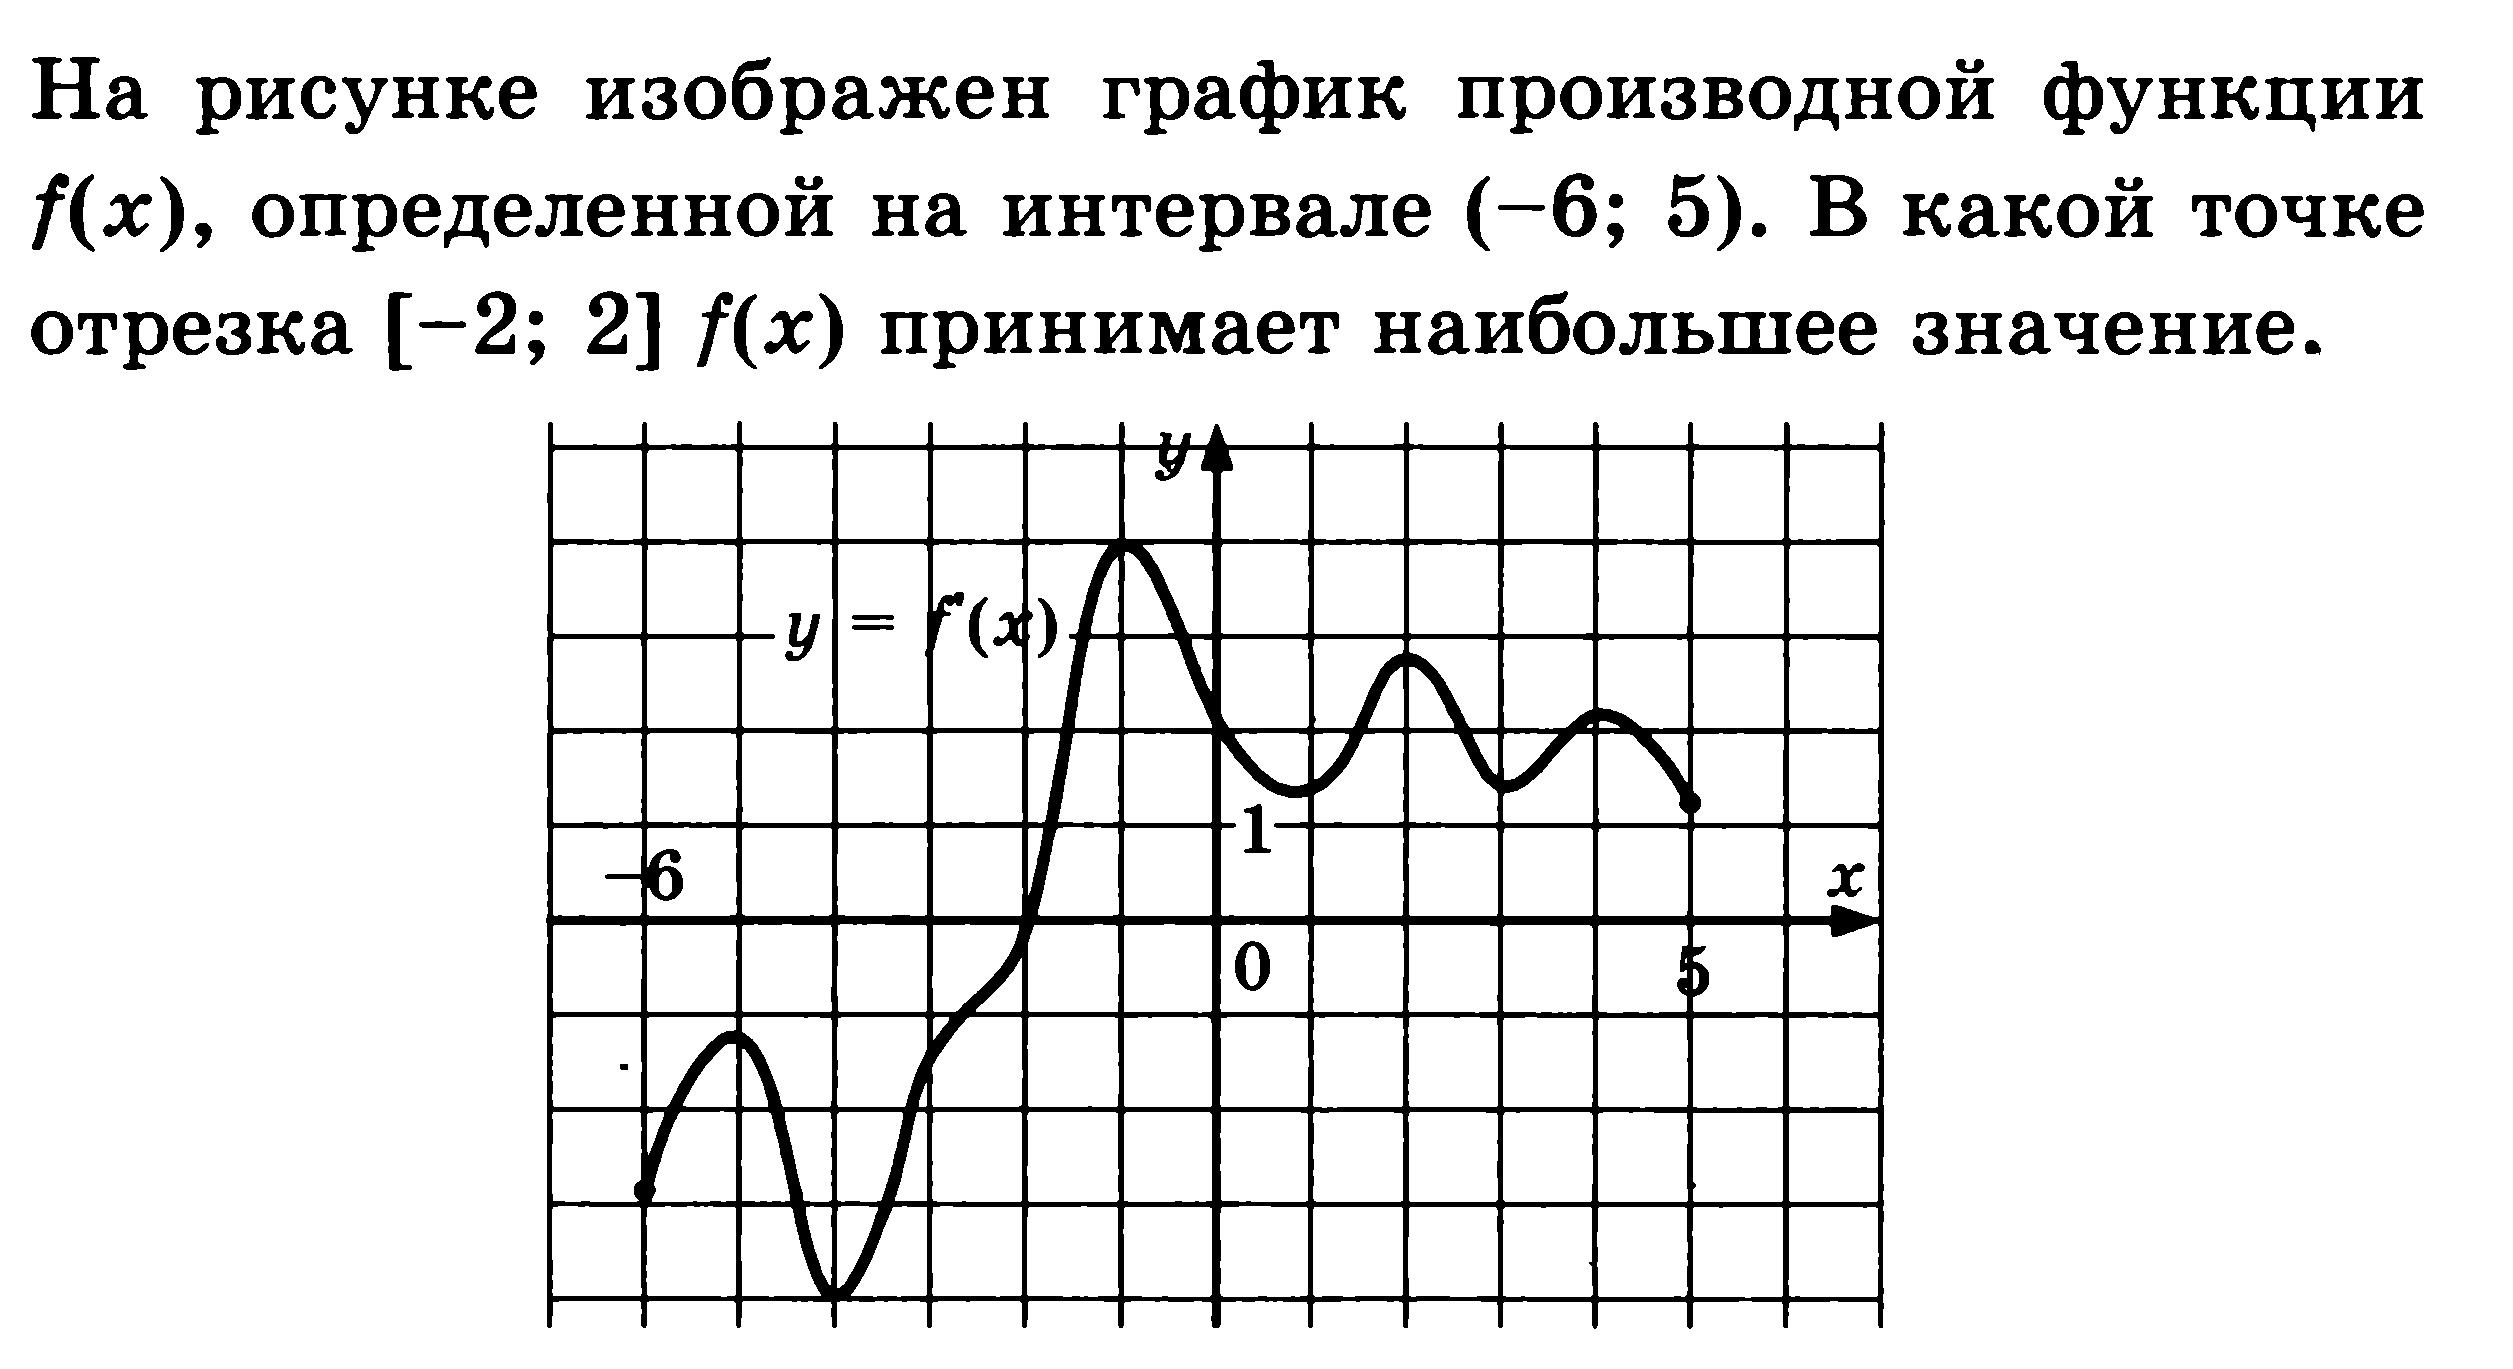 Изображен график в какой из точек значение наименьшее